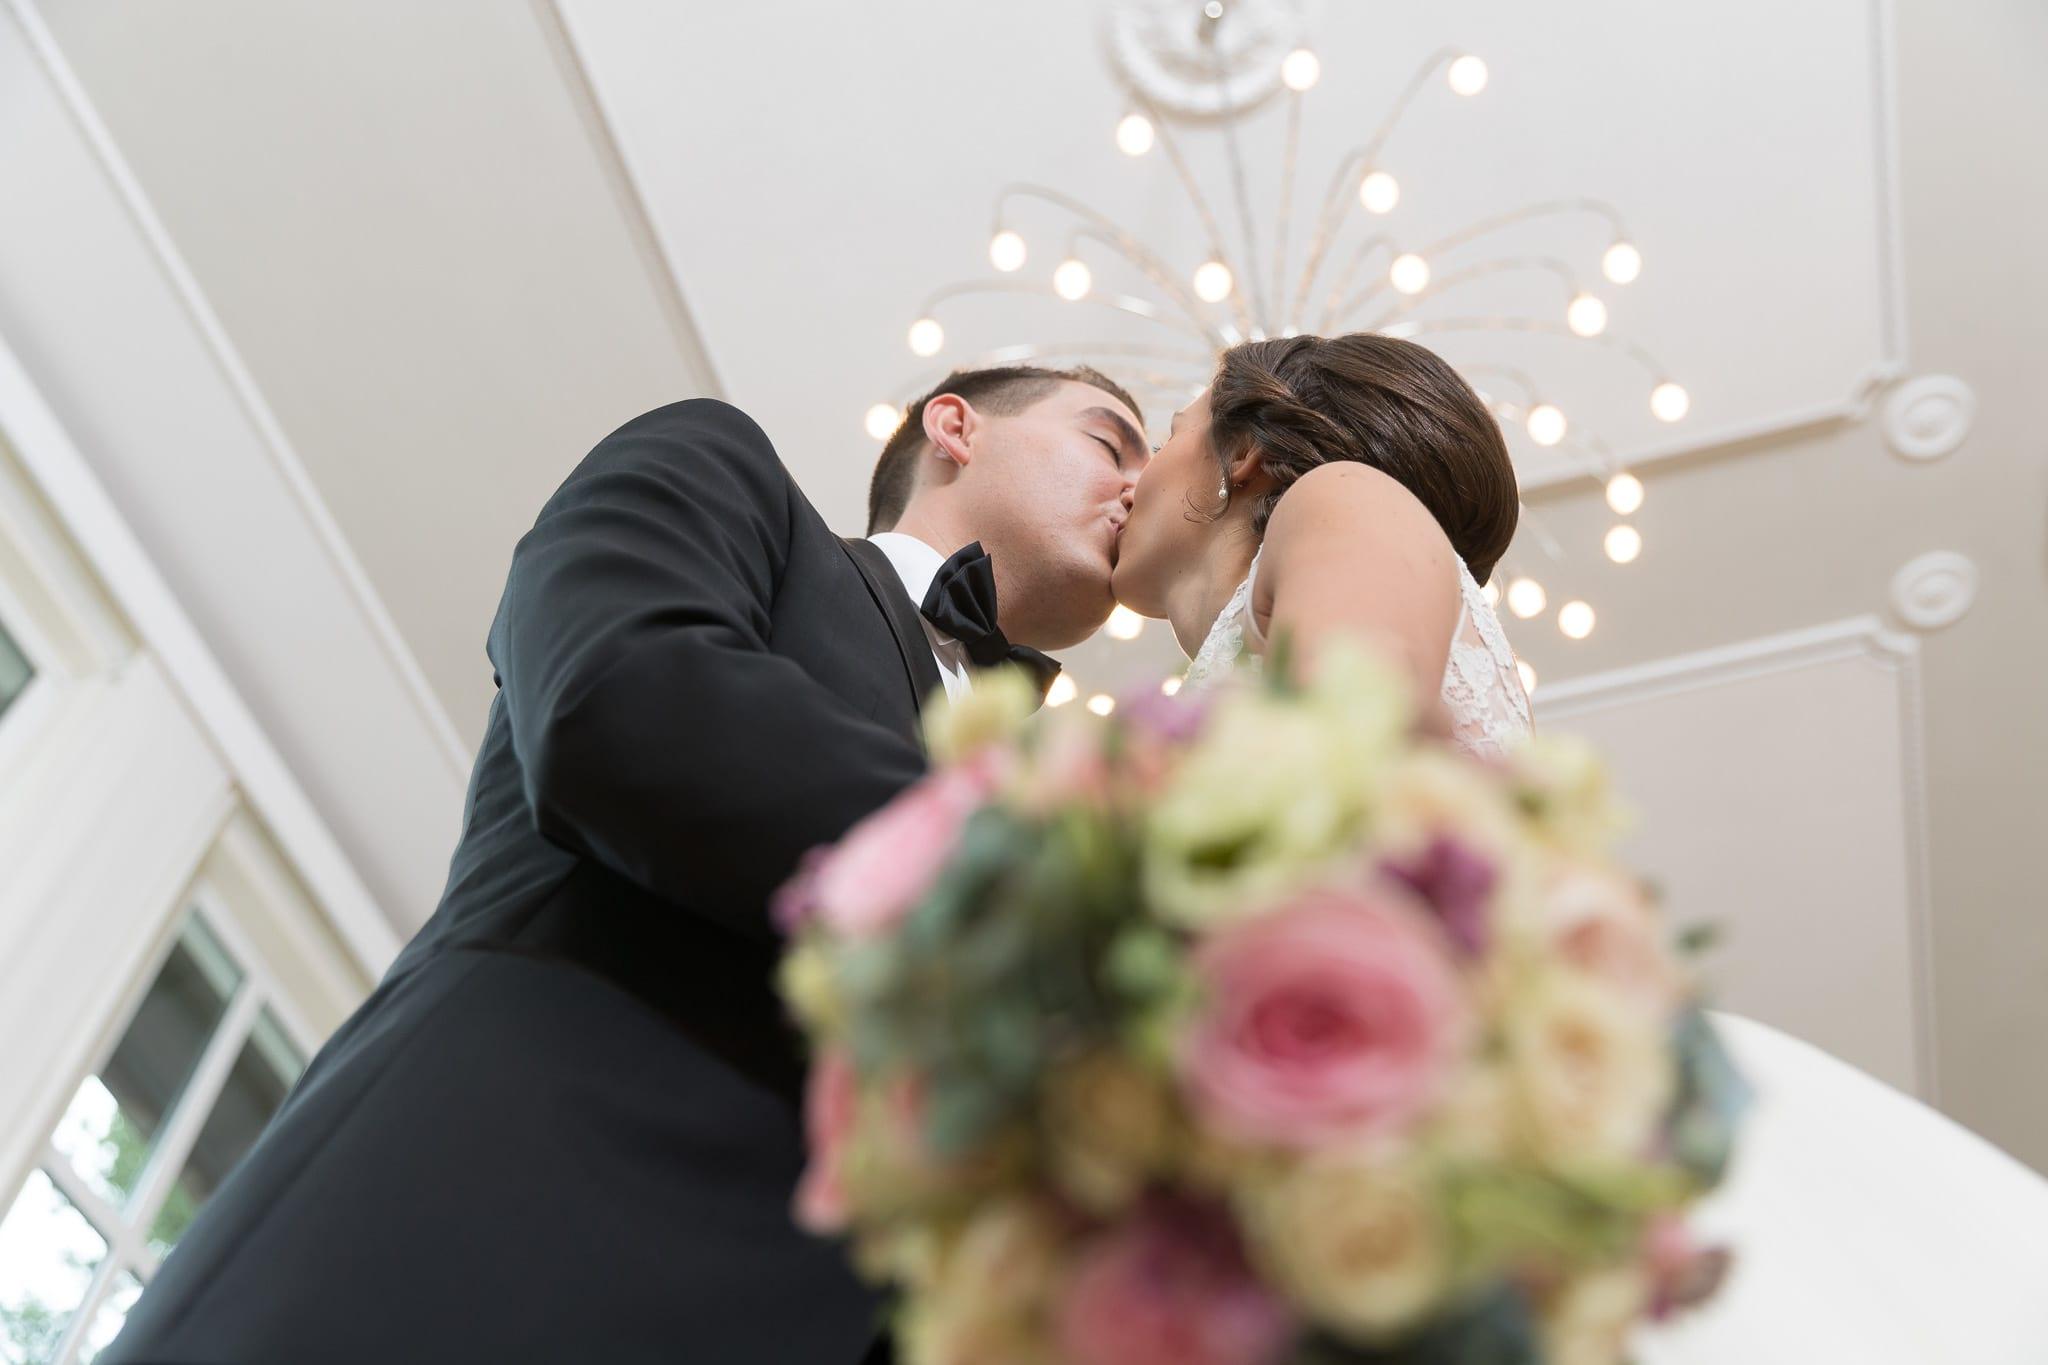 Brautpaar Kuss mit Blumenstrauss